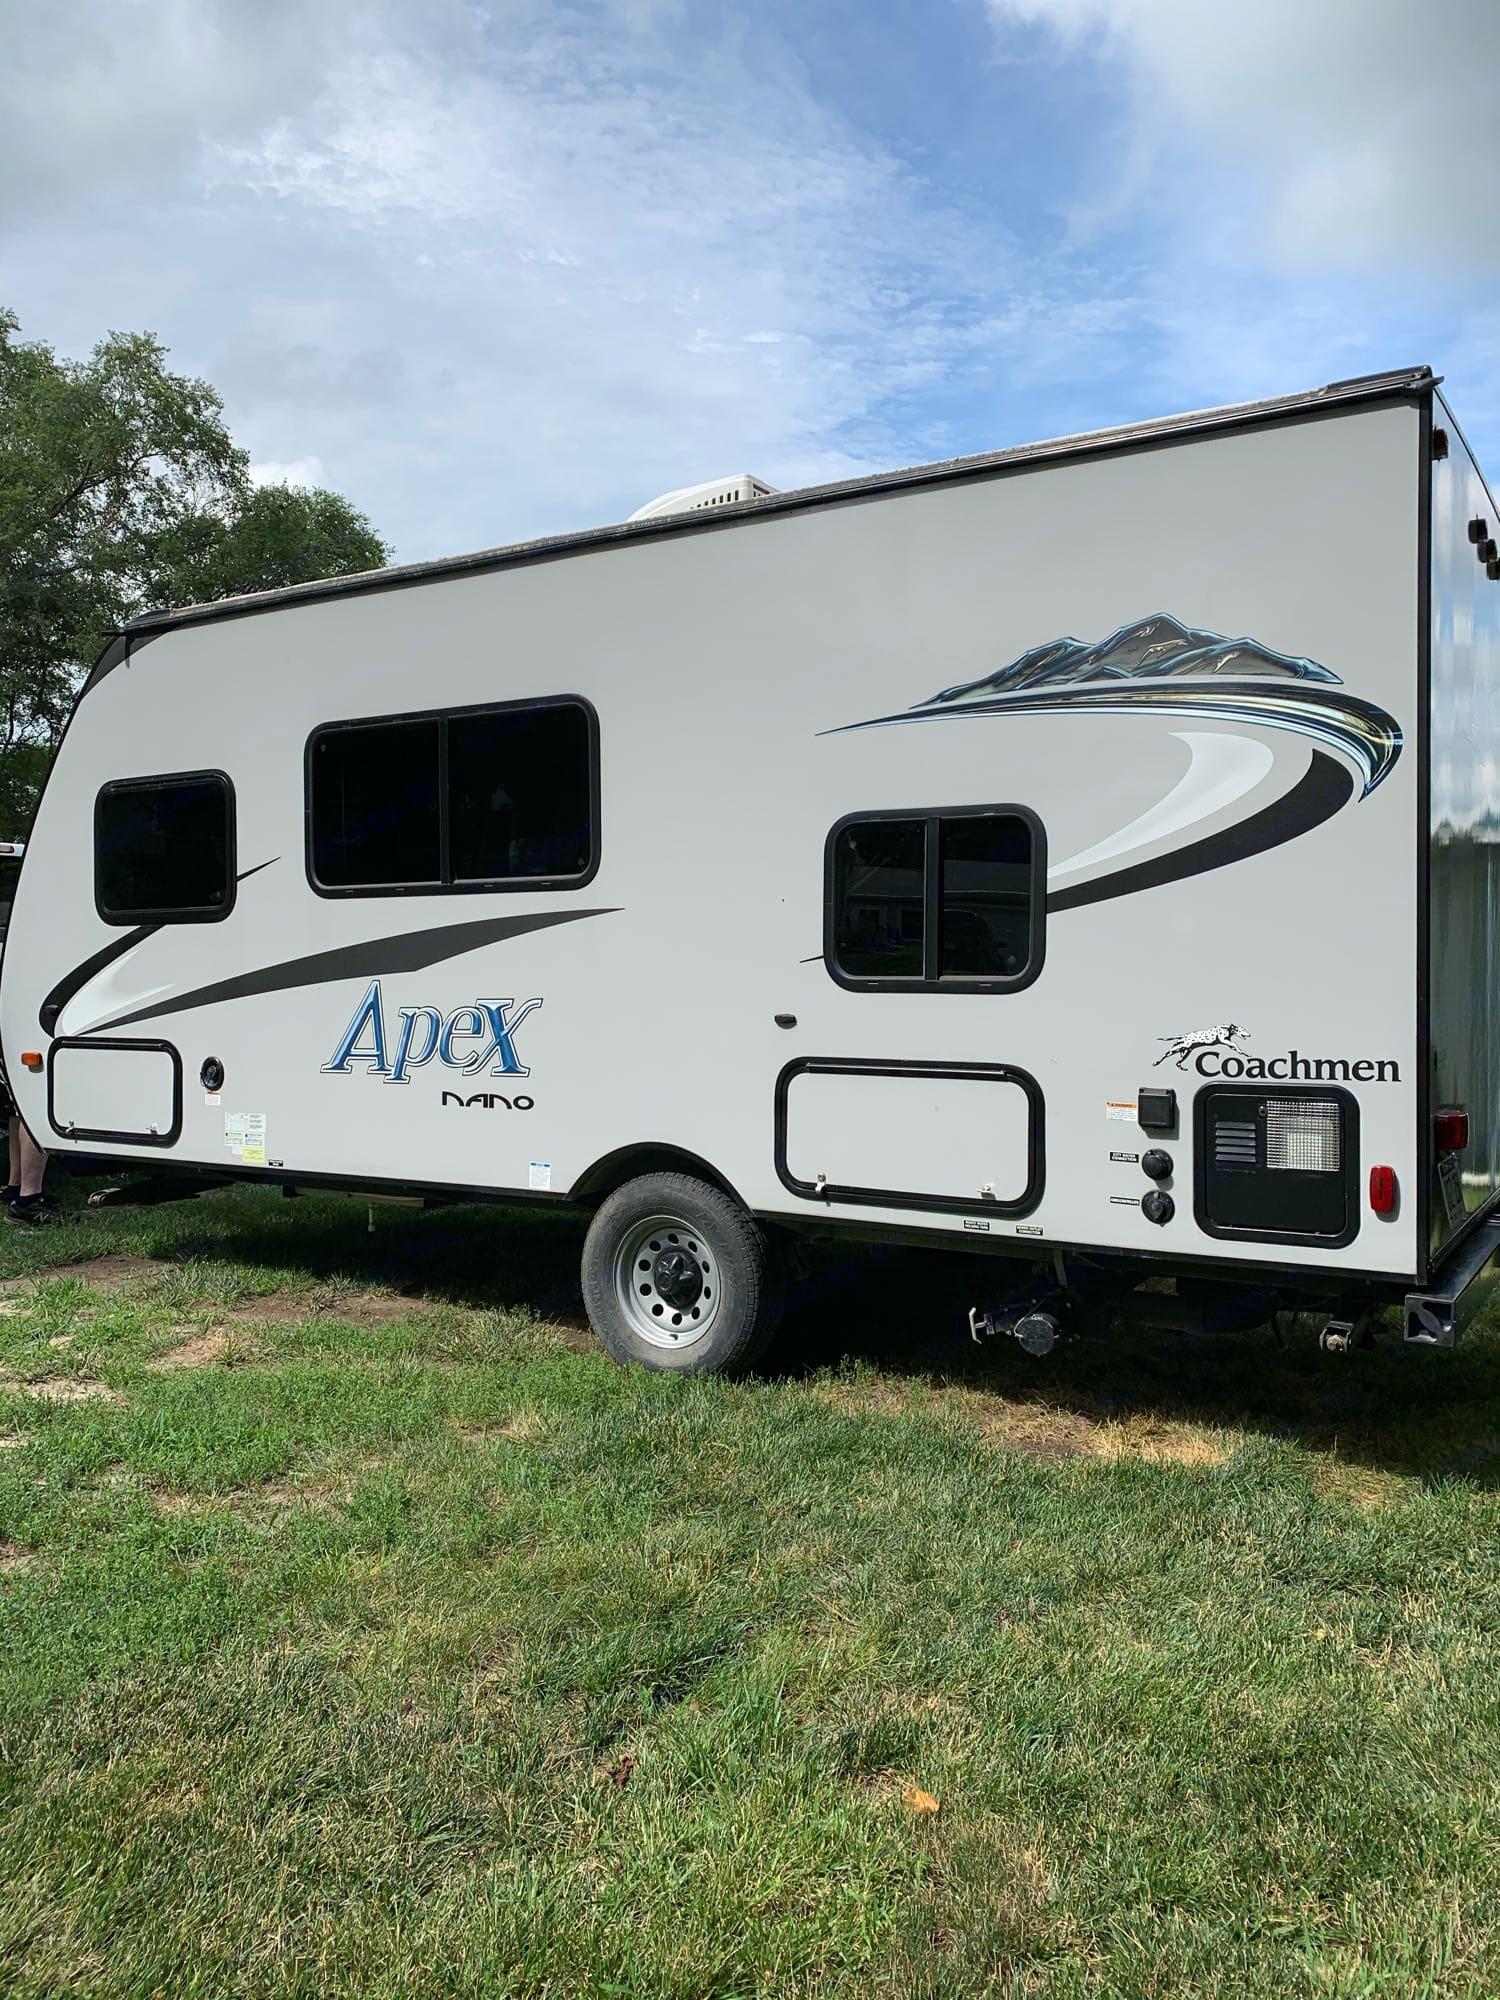 20 foot Apex Nano camping trailer with 30 Amp service.. Coachmen Apex 2016